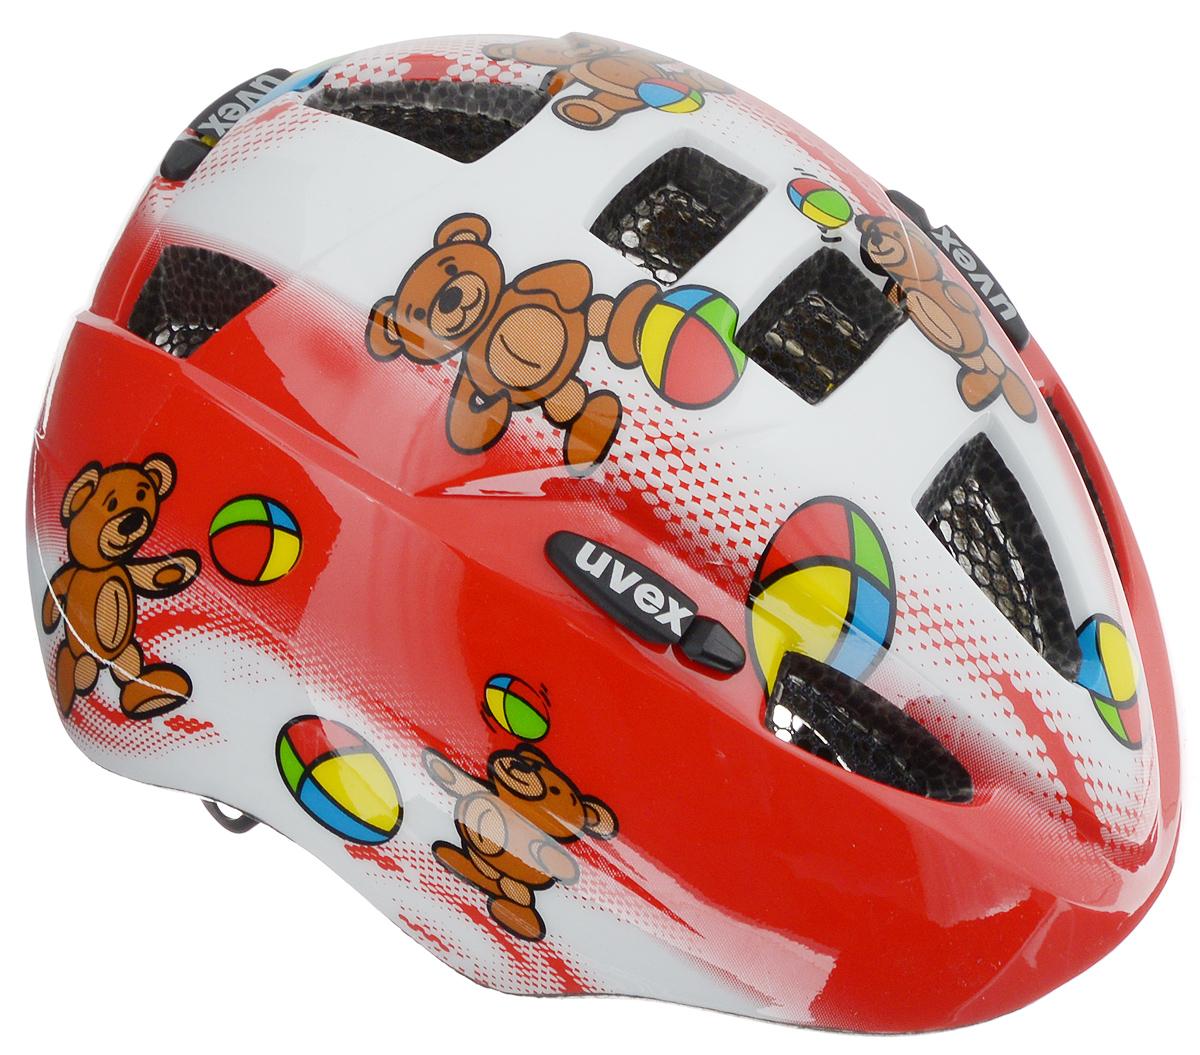 Шлем летний Uvex Kid 2. Медведи, детский, цвет: белый, красный, черный. Размер XXXXXS-XXS4306.1415Детский шлем Uvex Kid 2. Медведи предназначен исключительно для езды на велосипеде и катания на роликовых коньках или скейтборде. Шлем снабжен универсальным внутренним настроечным кольцом, застежками на липучках, регулируемыми текстильными ремешками и вентиляционными отверстиями. Увеличенное количество вентиляционных отверстий гарантирует отличную циркуляцию воздуха на разных скоростях движения при сохранении жесткости. Подстежка изготовлена из пенополистирола. Ее роль заключается в рассеивании энергии при ударе, что защищает голову. Верхняя часть шлема, выполненная из прочного пластика, препятствует разрушению изделия, защищает шлем от прокола и позволять ему скользить при ударах. Способность шлема скользить по поверхности является важной его характеристикой, так как при падении движение уменьшается не сразу, а постепенно, снижая тем самым нагрузку на голову и шею. Надежный шлем с ярким дизайном обеспечит высокую степень защиты...